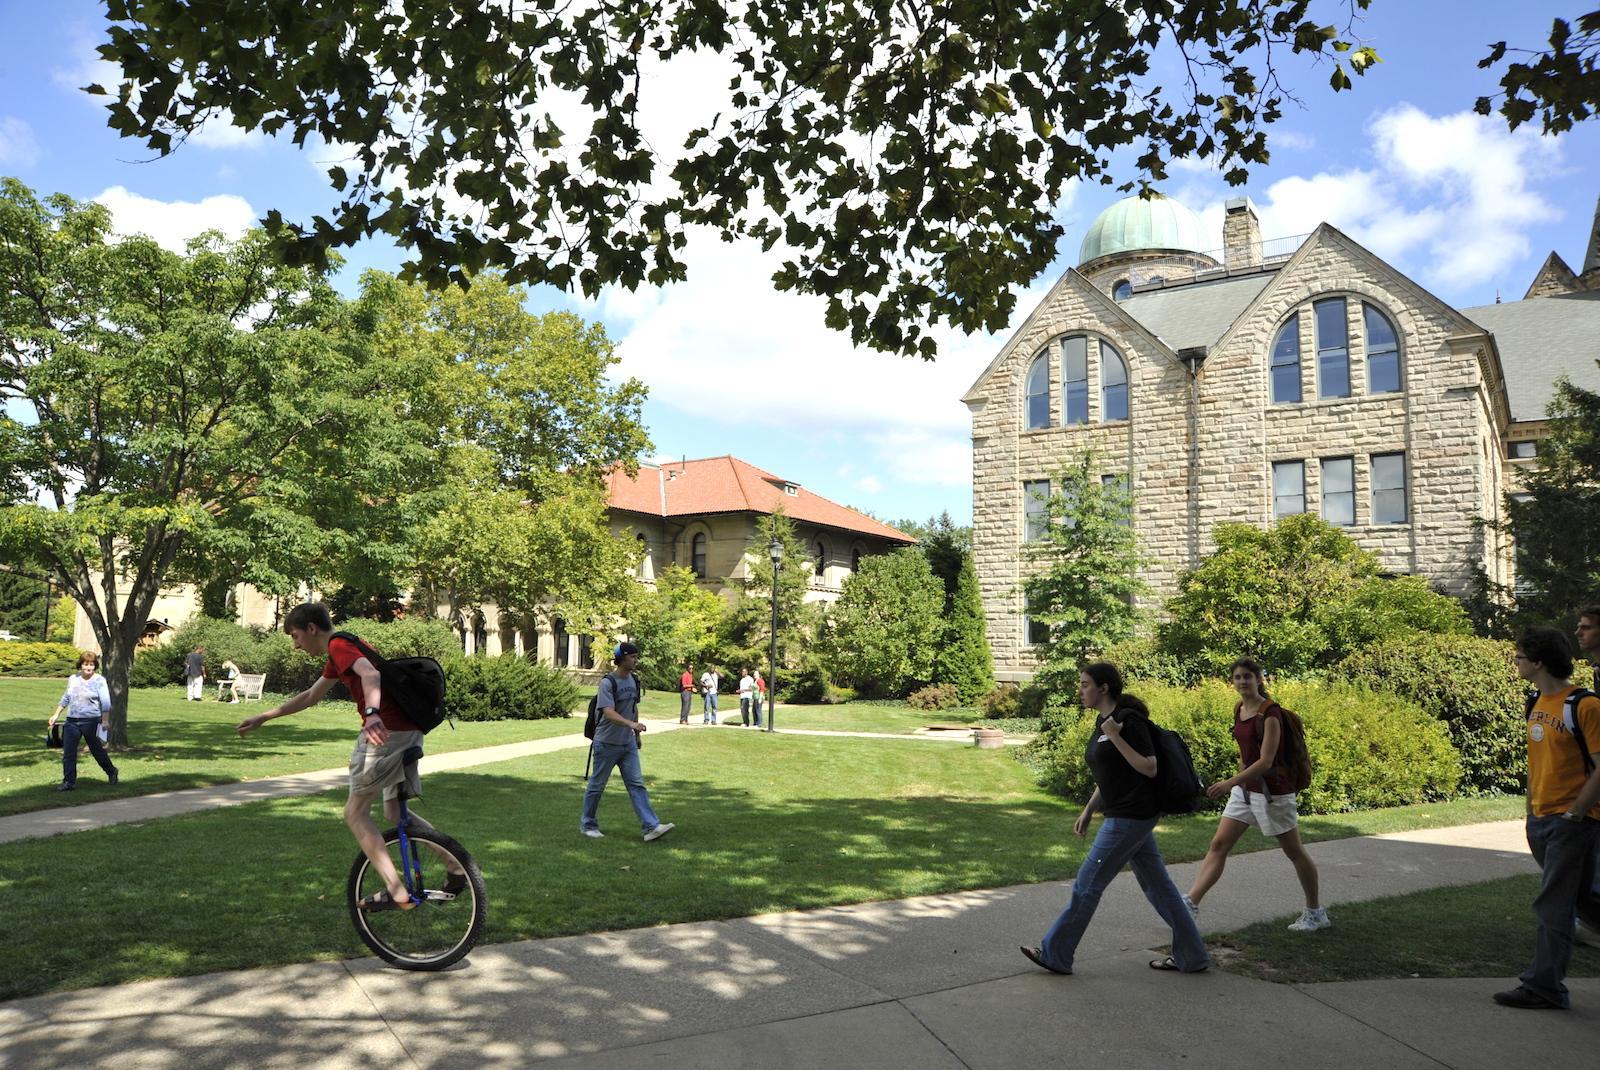 Campus scene showing Wilder Bowl